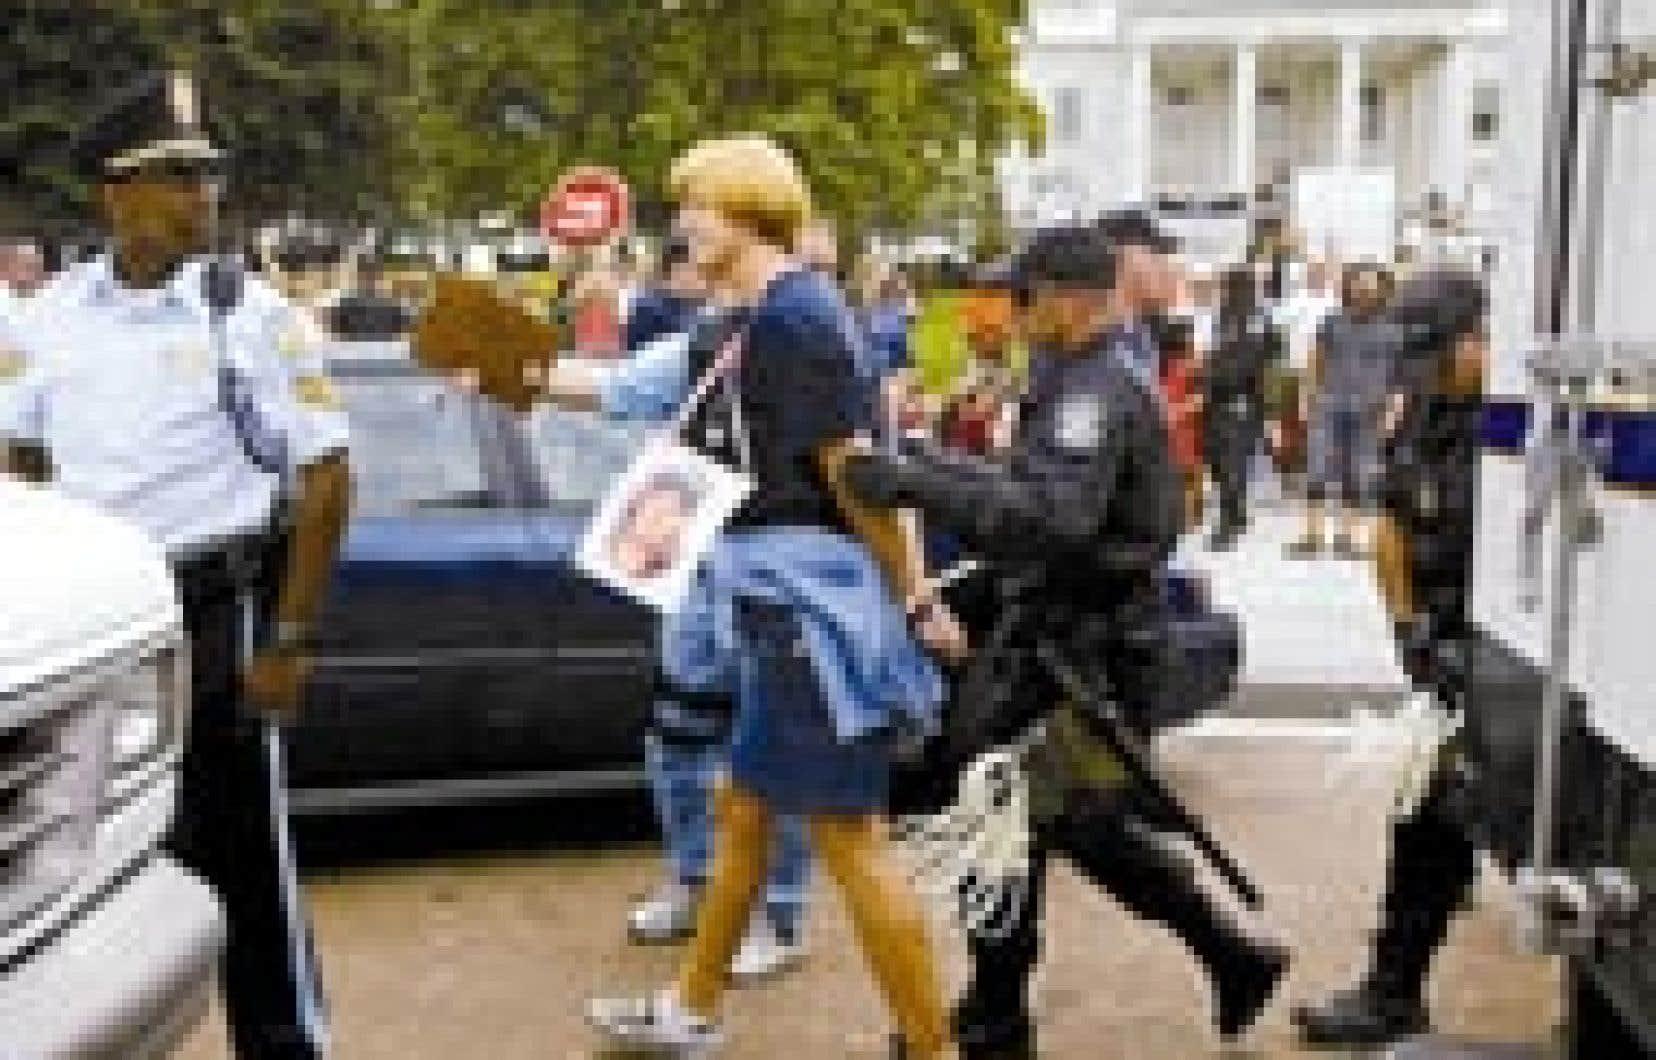 Deux jours après la manifestation qui a rassemblé plus de 100 000 personnes dans les rues de Washington, l'Américaine Cindy Sheehan, symbole du mouvement anti-guerre aux États-Unis, a été arrêtée hier au cours d'une manifestation pacifiste devant